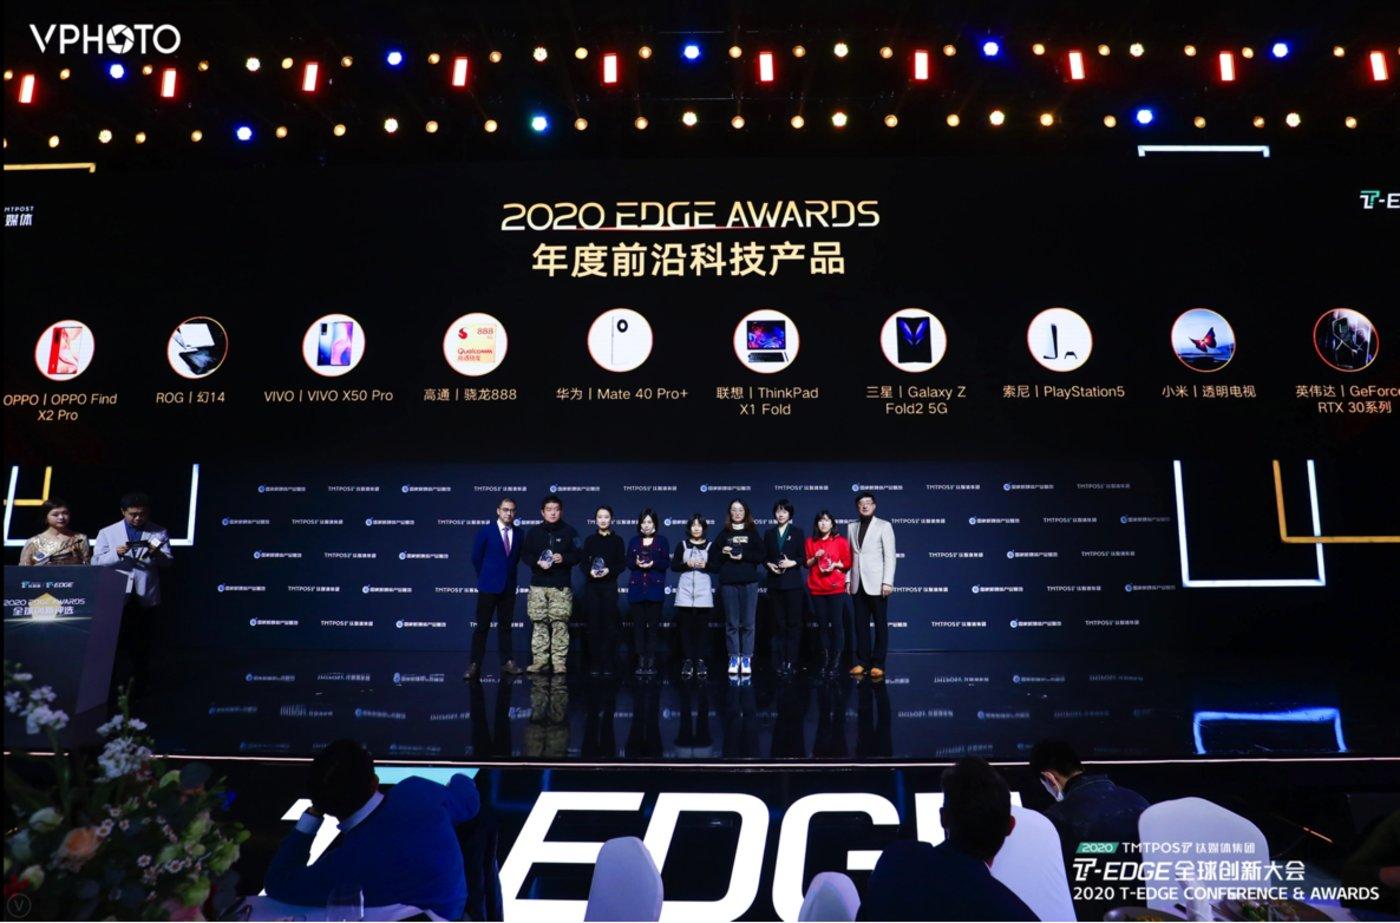 钛媒体2020 EDGE Awards颁奖盛典